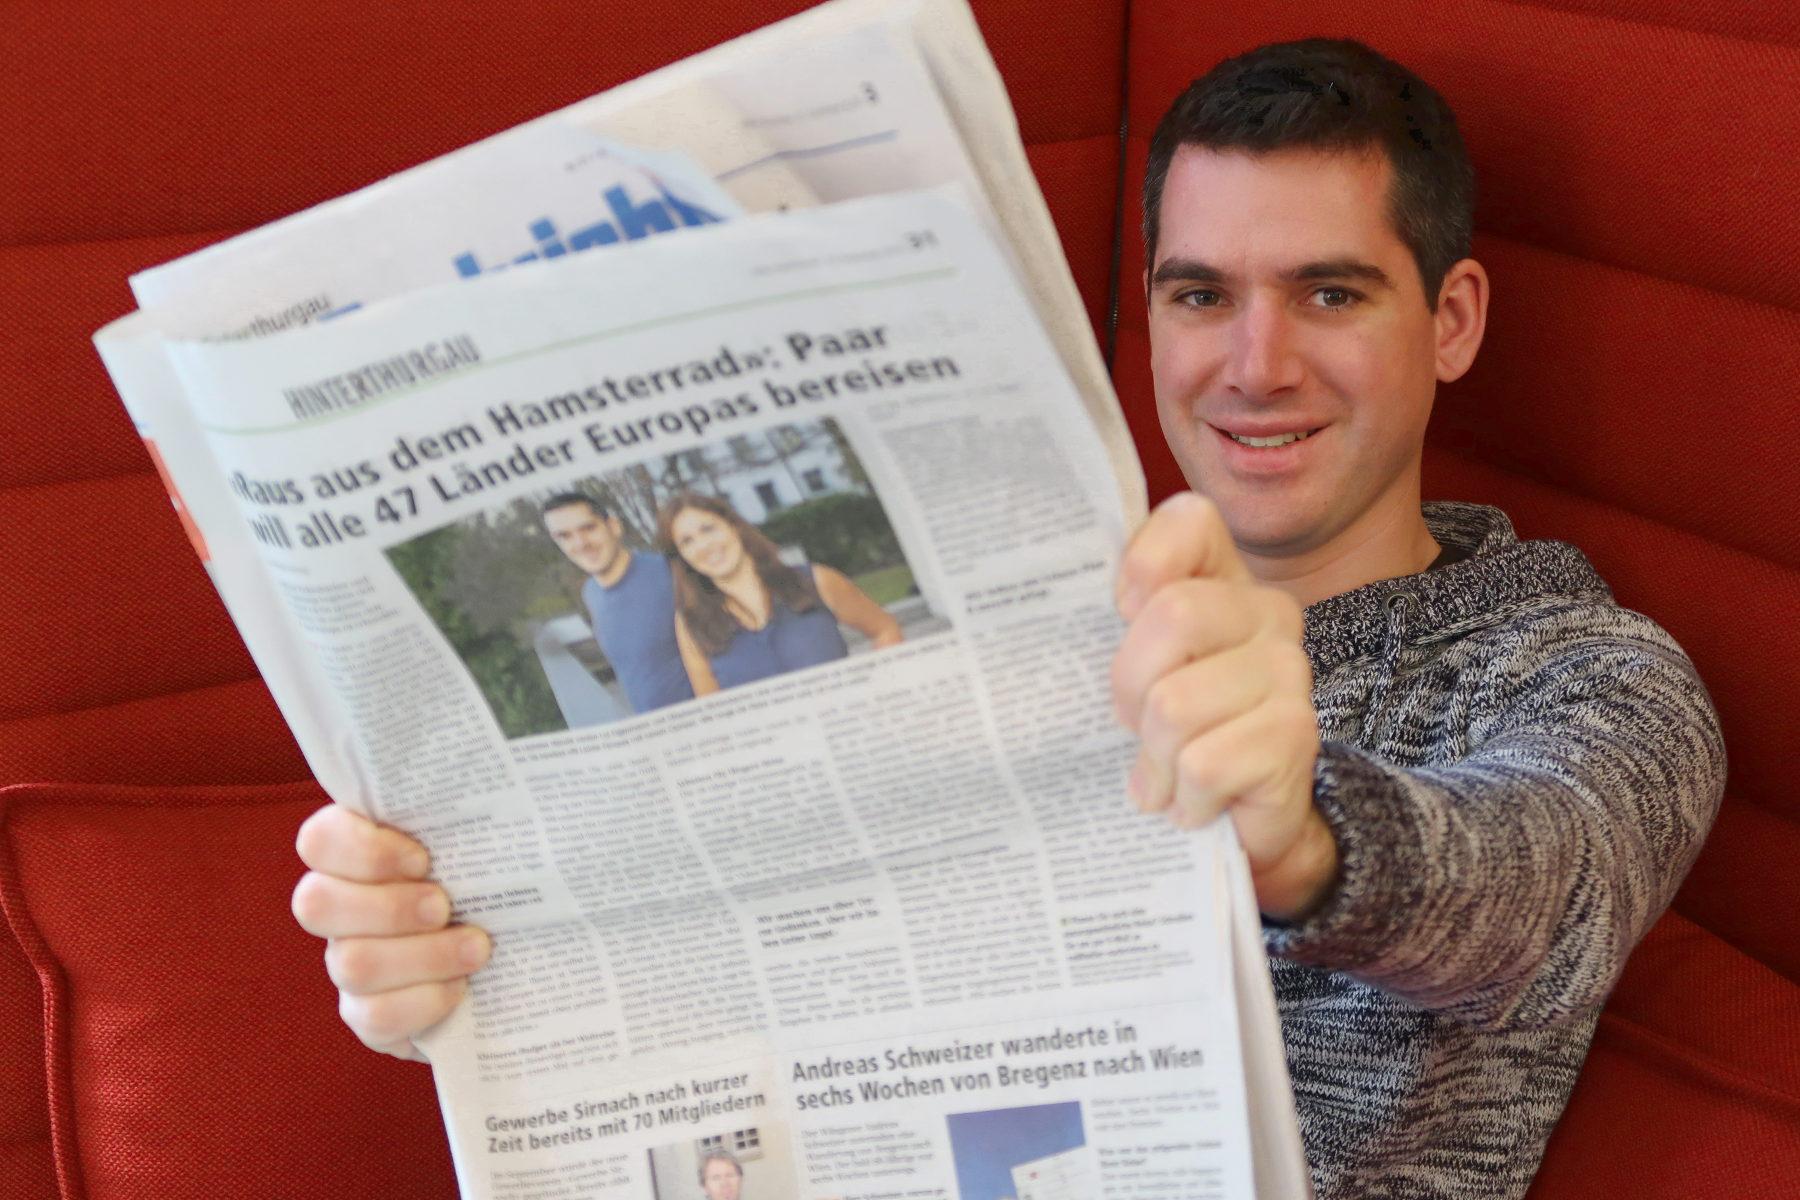 Lui hält Zeitung mit Bericht über uns vor sich - Interview Zeitung